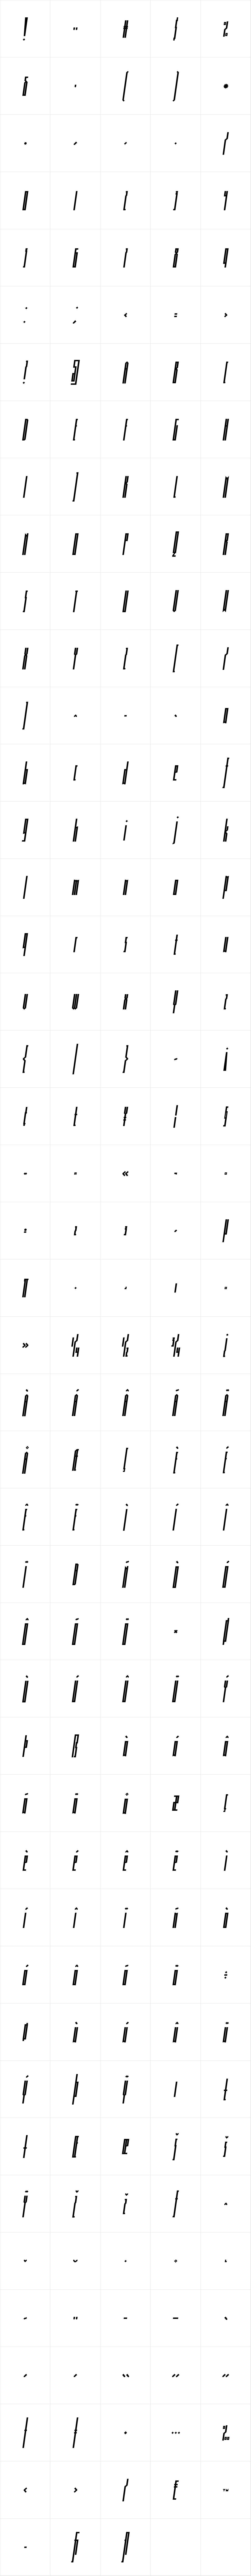 Muzarela Extra condensed Italic